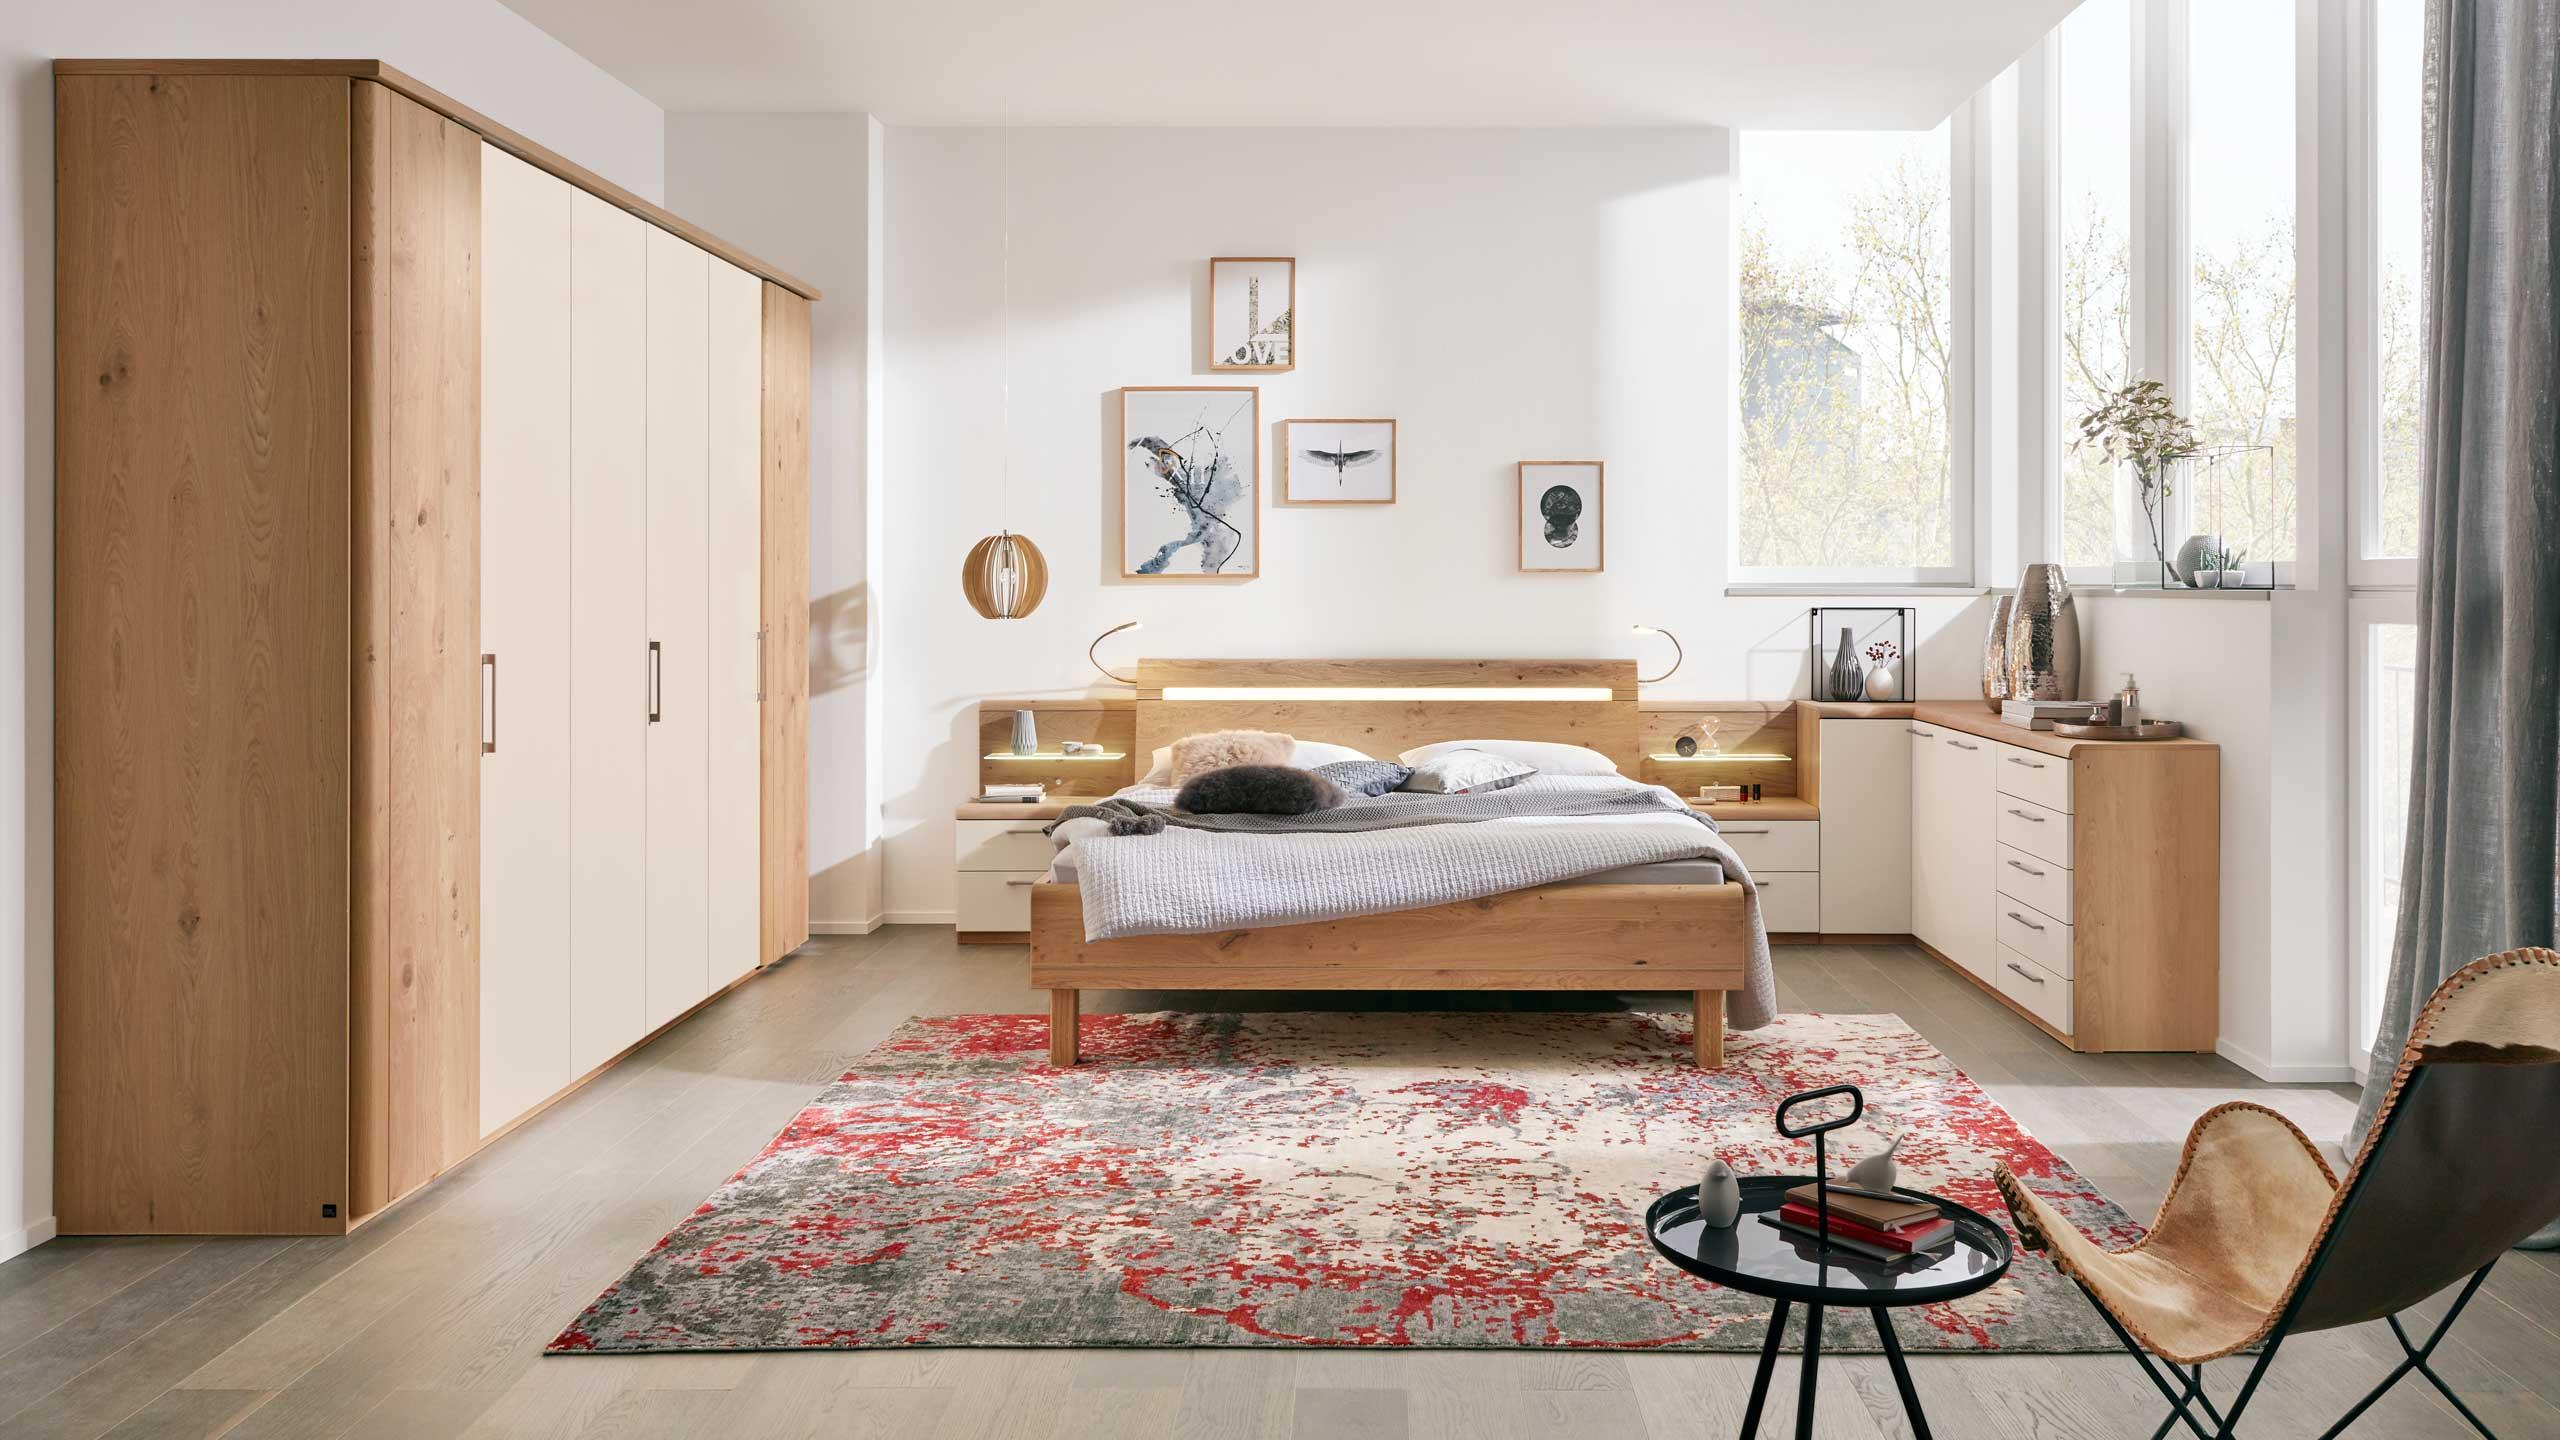 Full Size of Ausgefallene Schlafzimmer Mbel Mbelland Bei Frankfurt Schrank Komplettes Sessel Set Mit Matratze Und Lattenrost Gardinen Für Teppich Kommode Weiß Betten Wohnzimmer Ausgefallene Schlafzimmer